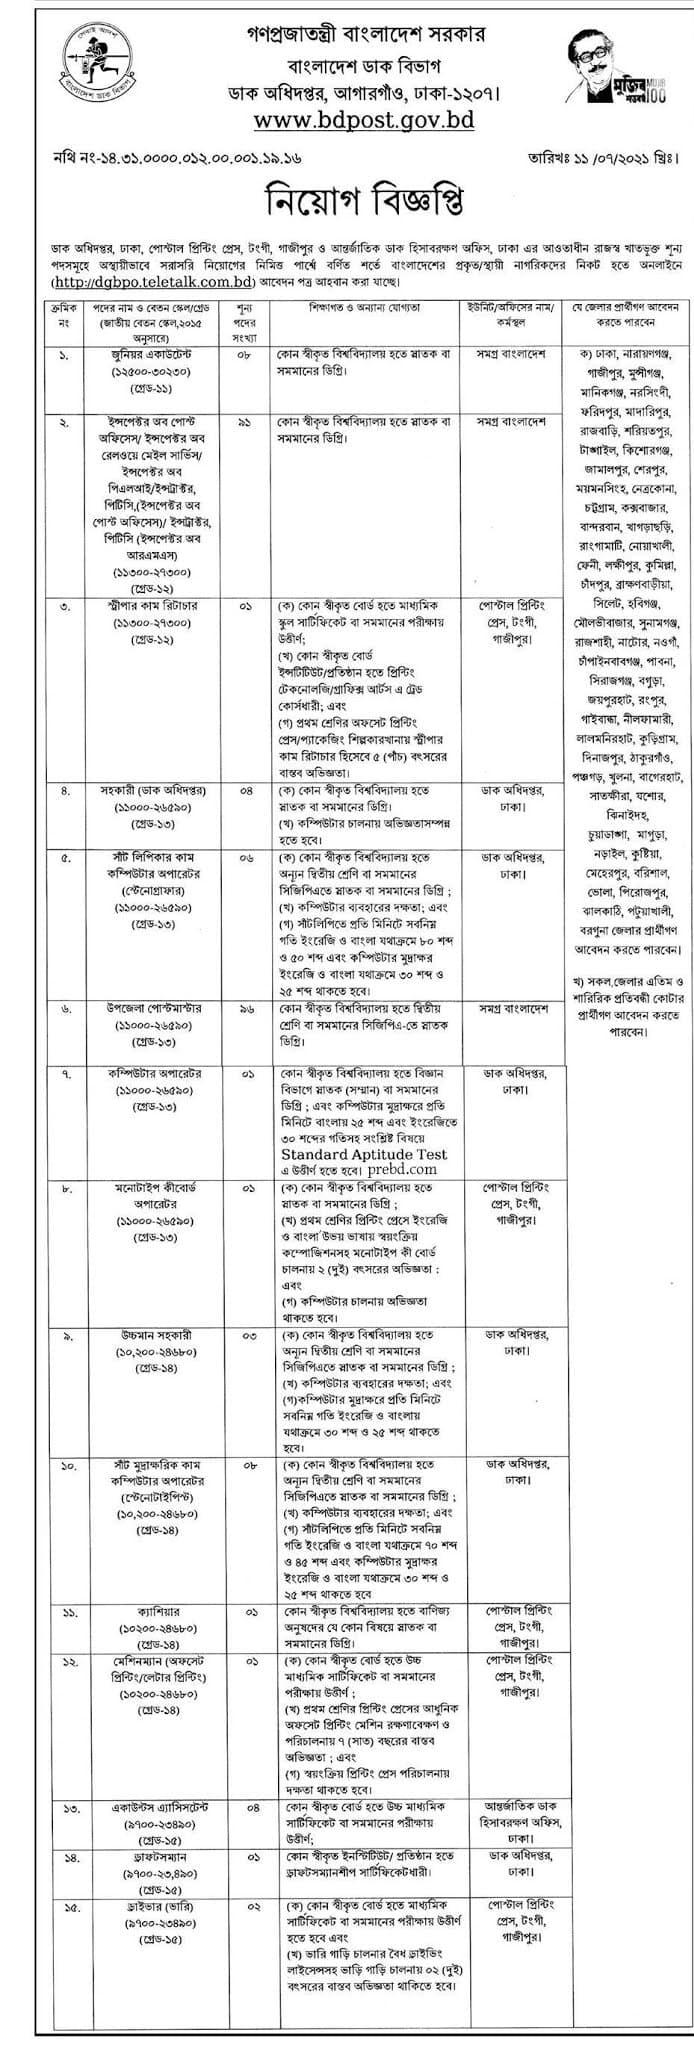 বাংলাদেশ ডাক বিভাগ নিয়োগ বিজ্ঞপ্তি ২০২১ - বাংলাদেশ পোস্ট অফিস নিয়োগ বিজ্ঞপ্তি ২০২১ - Bangladesh Post Office Recruitment Circular 2021